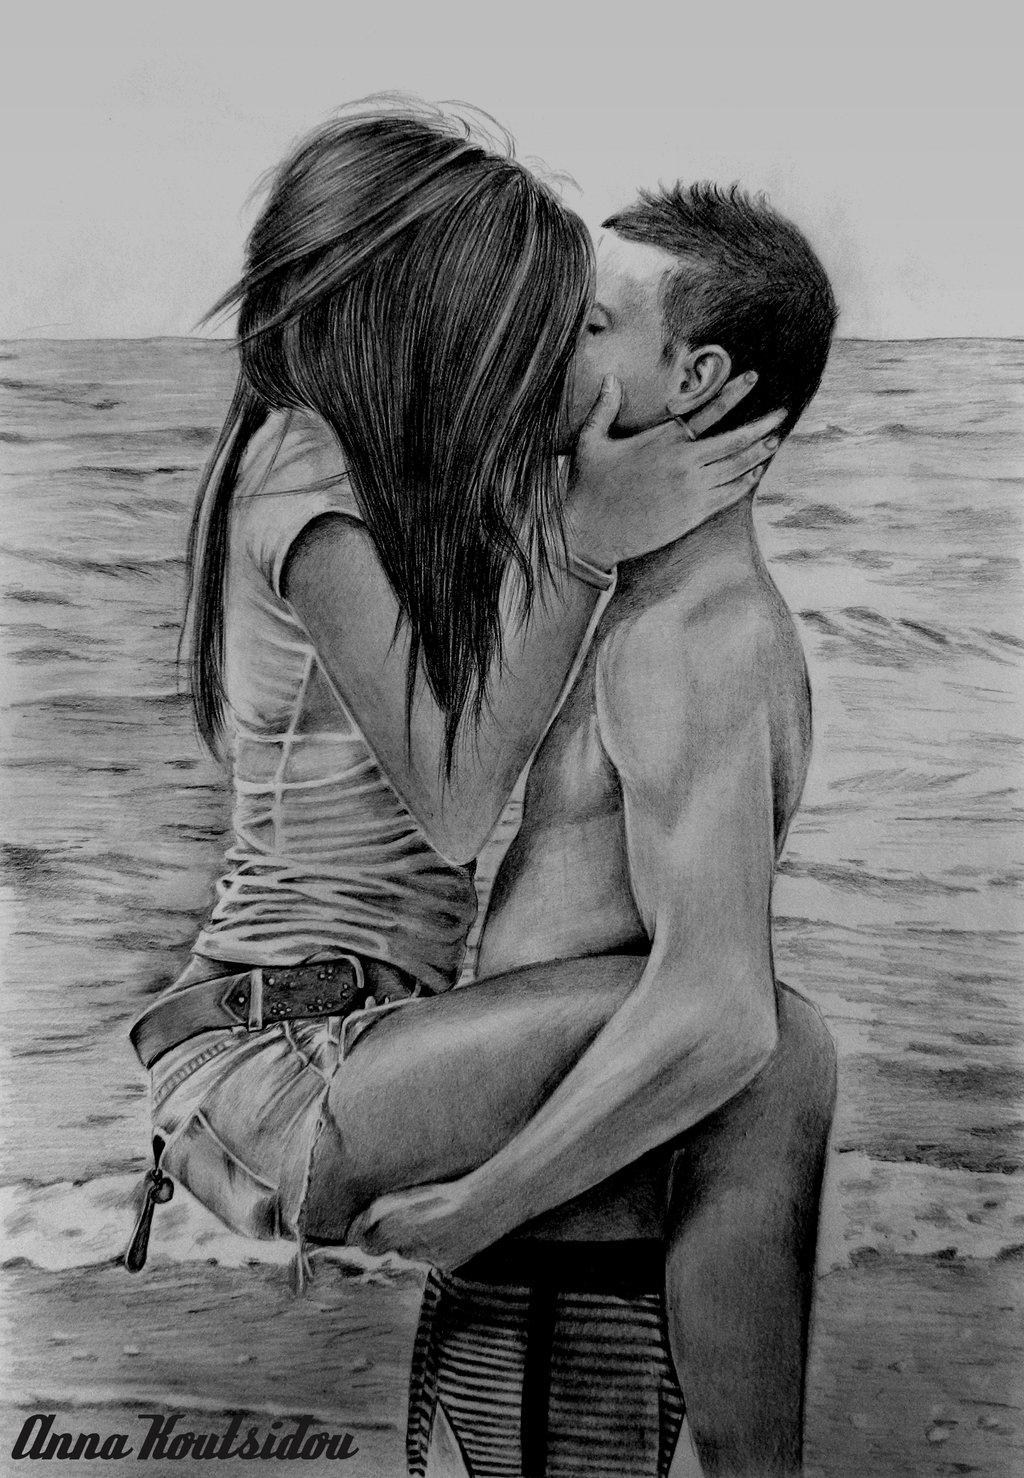 Drawn kisses person  com Up And deviantart